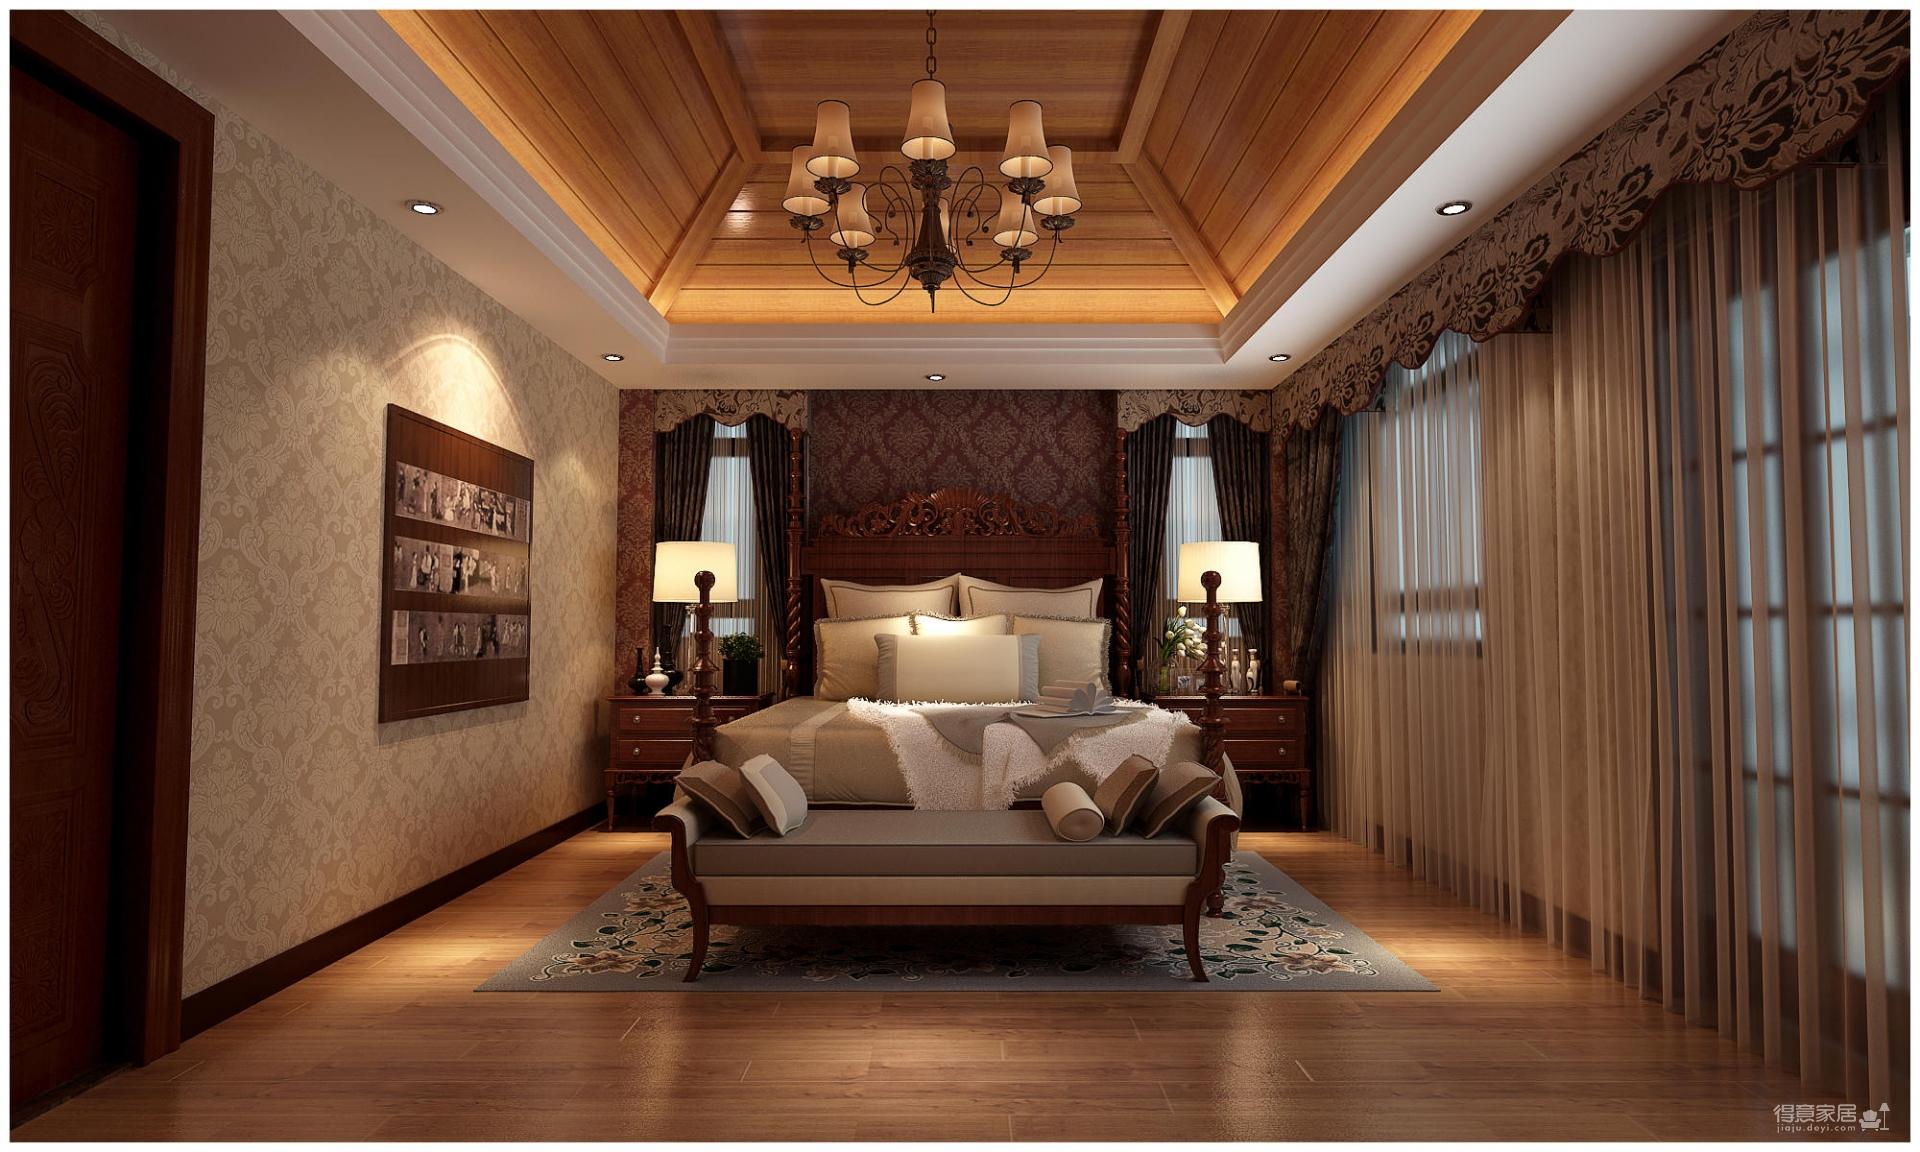 320平米别墅装修/新中式风格的独特演绎图_8